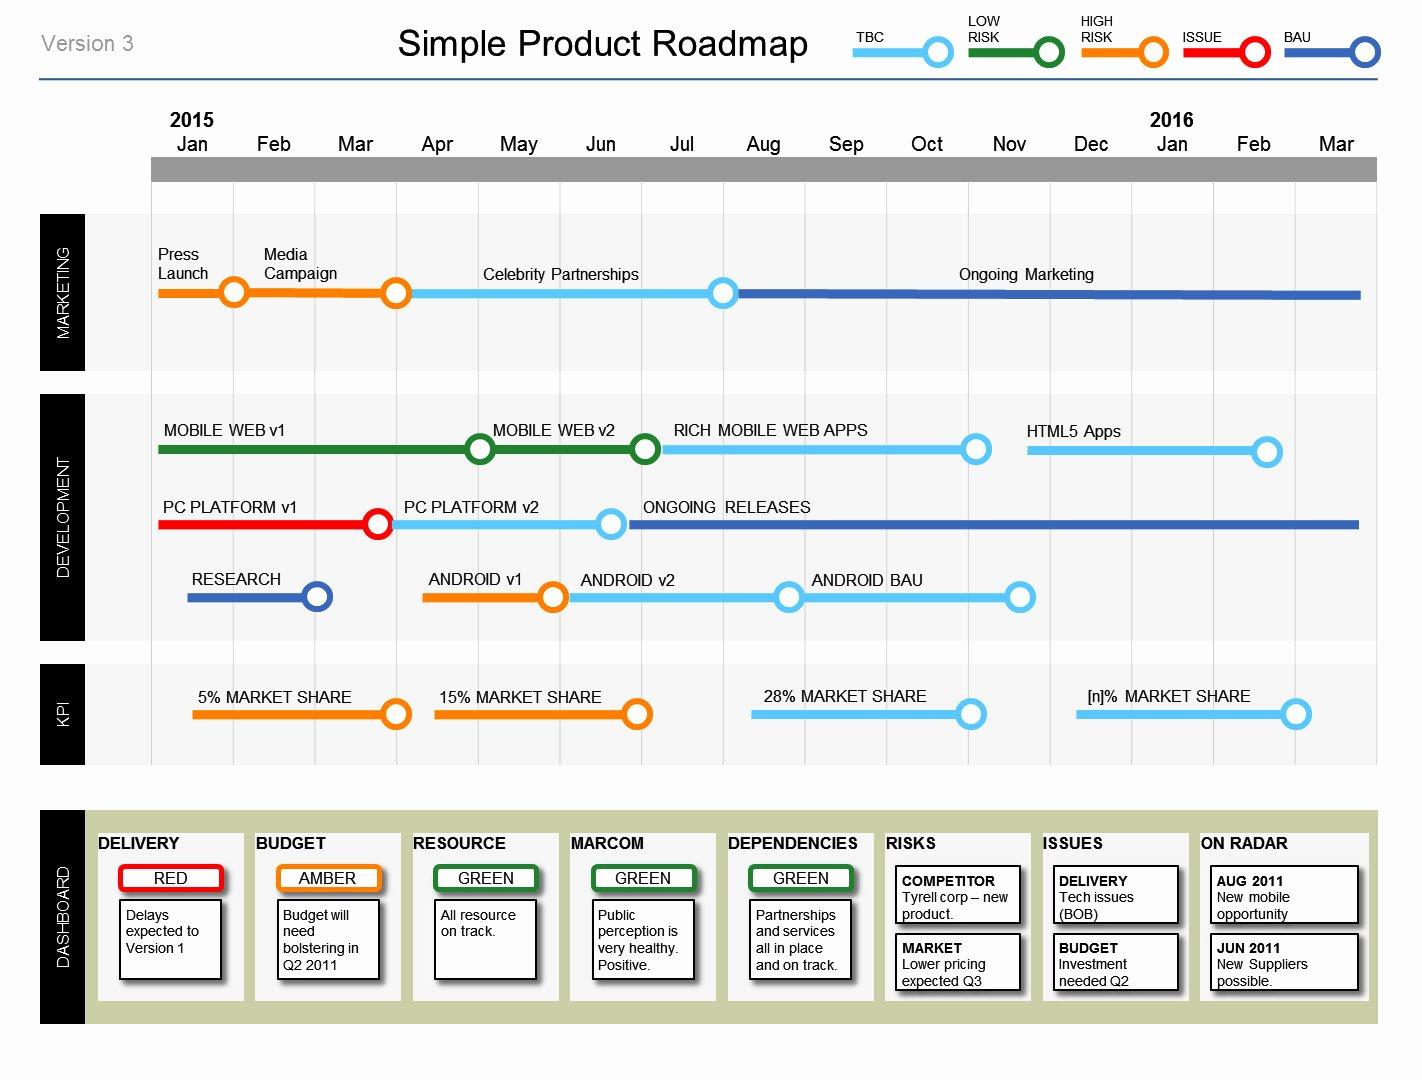 Technology Roadmap Template Excel Unique Product Roadmap Template Excel